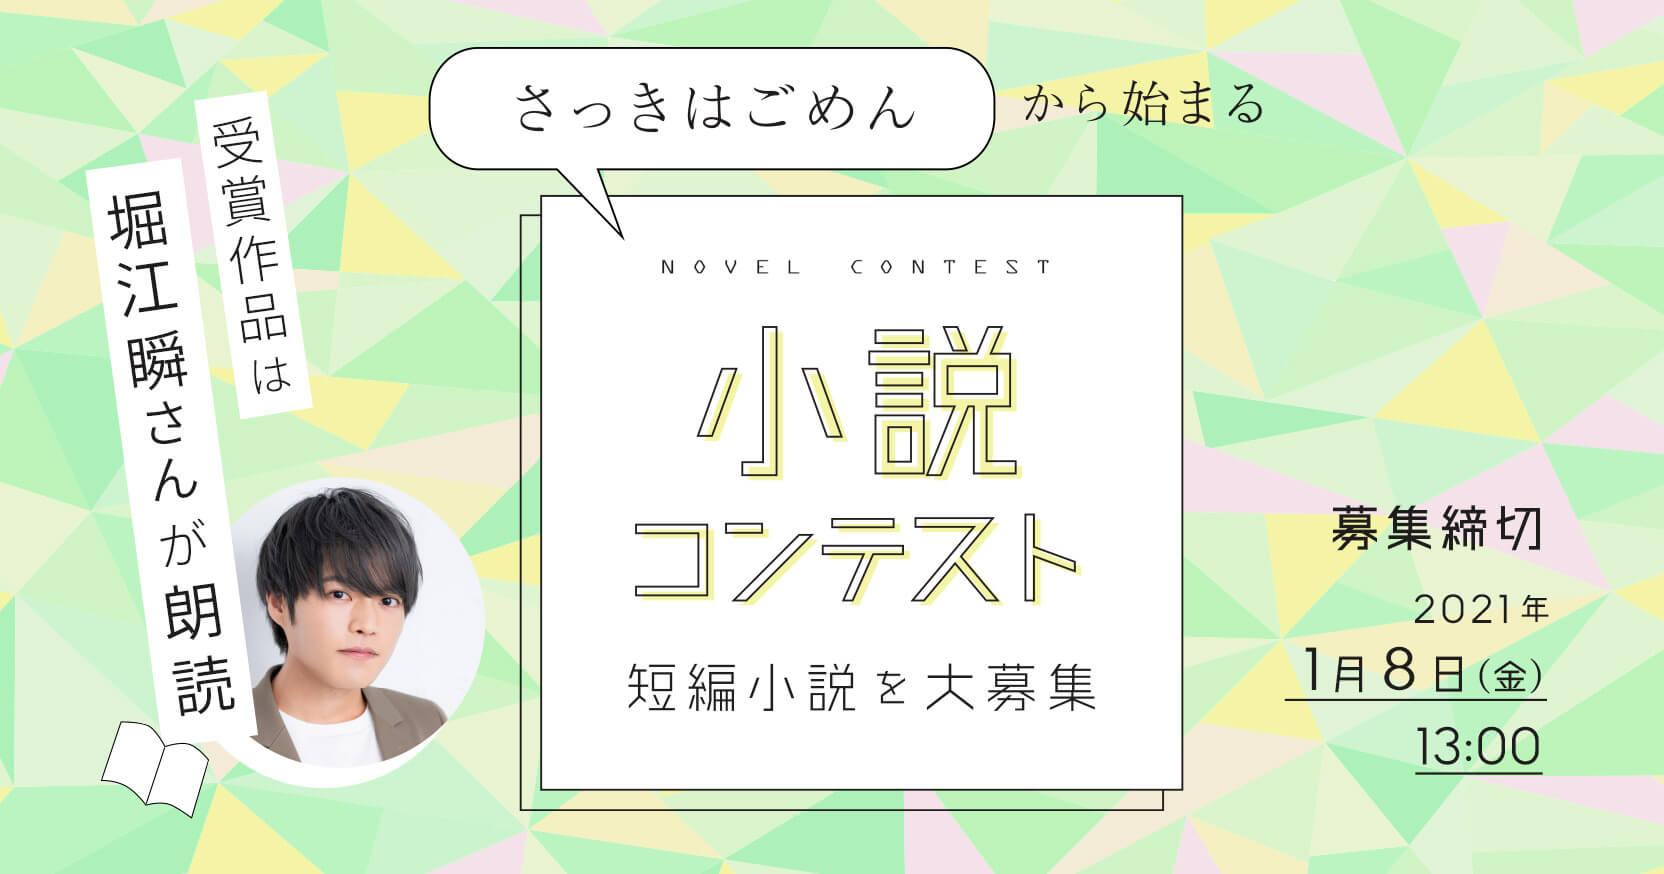 さっきはごめんからはじまる 小説コンテスト 受賞作品は堀江瞬さんが朗読